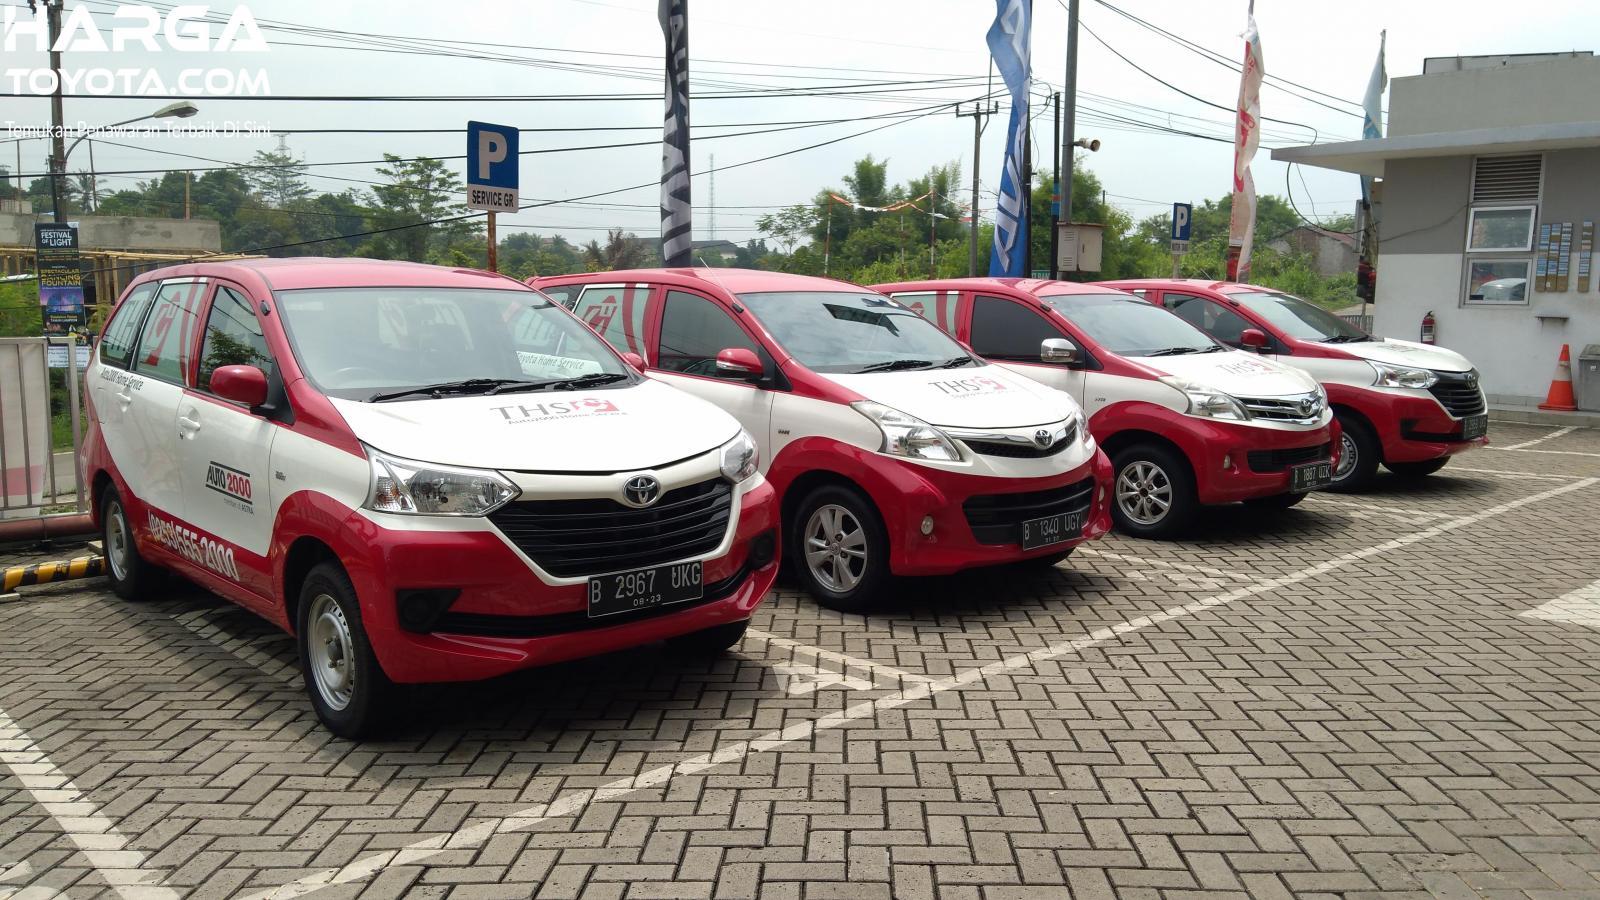 mobil Toyota Home Service berwarna putih dan merah